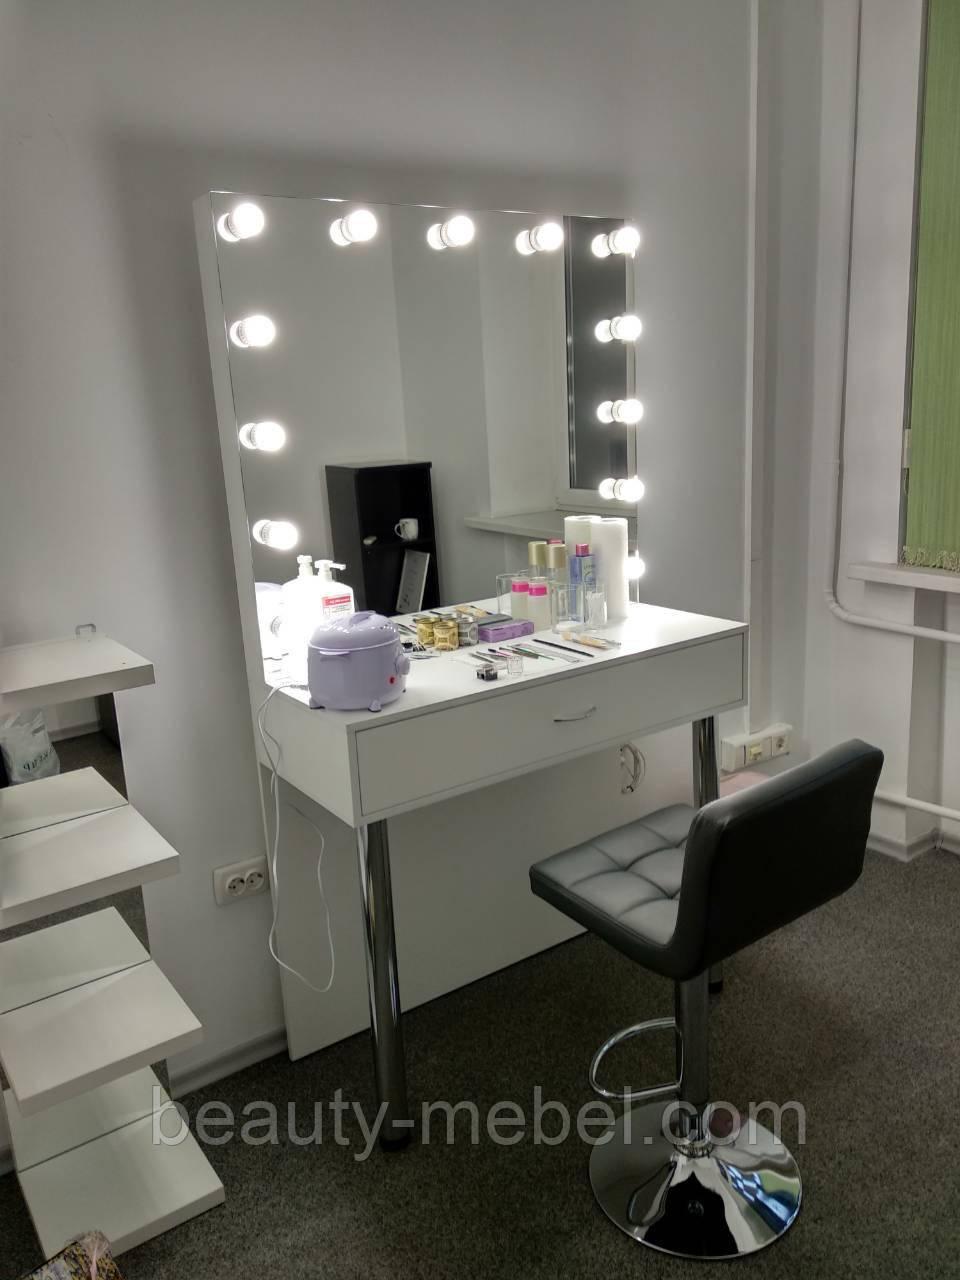 Стол гримерный для макияжа на железных ножках, зеркало без рамы с подсветкой